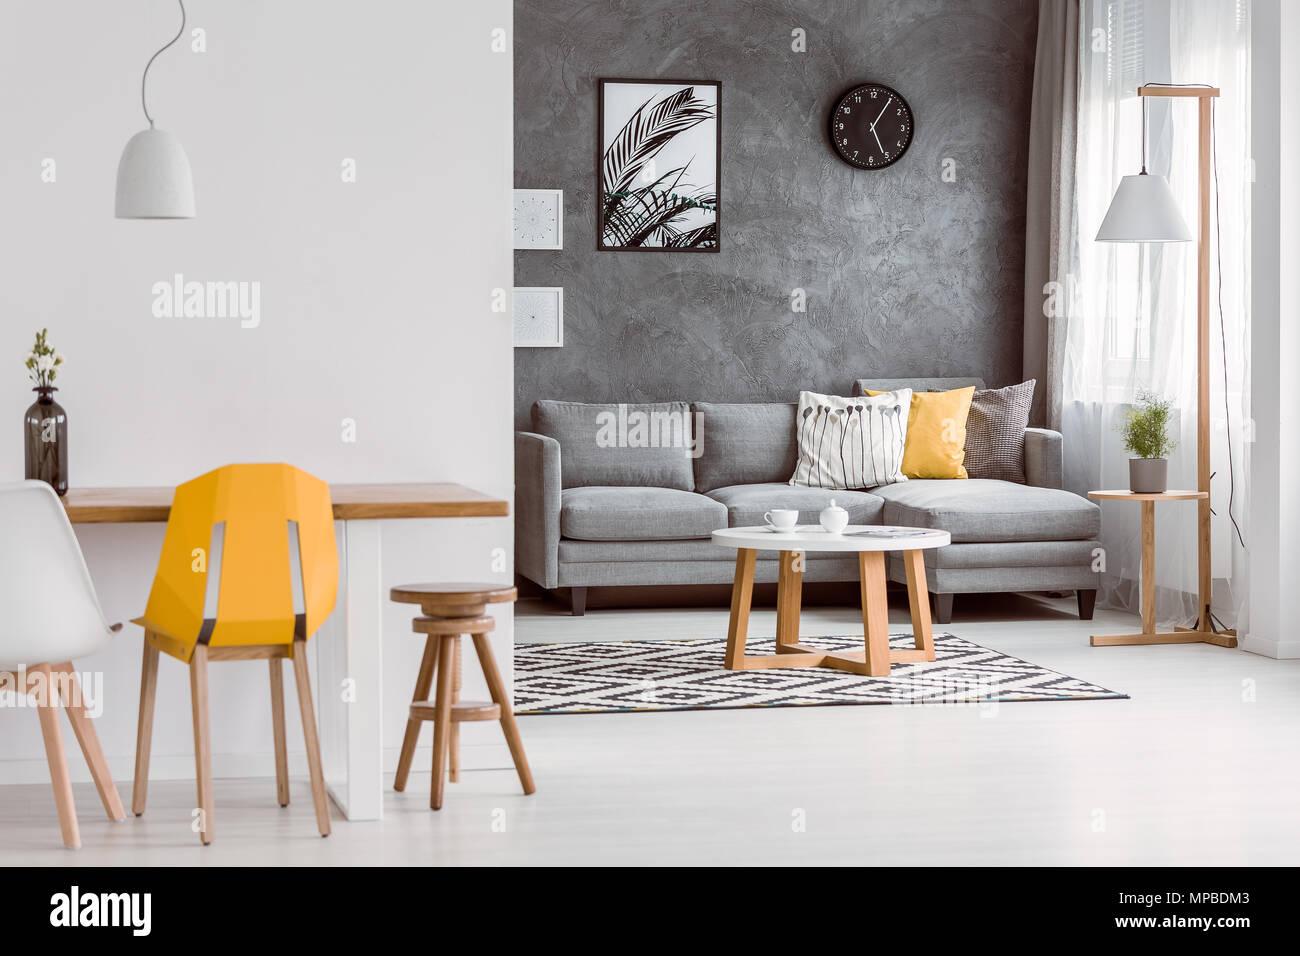 Gelbe Stuhl Bei Hölzernen Tisch In Modernes Wohnzimmer Mit Dekorativen  Kissen Auf Grau Sofa